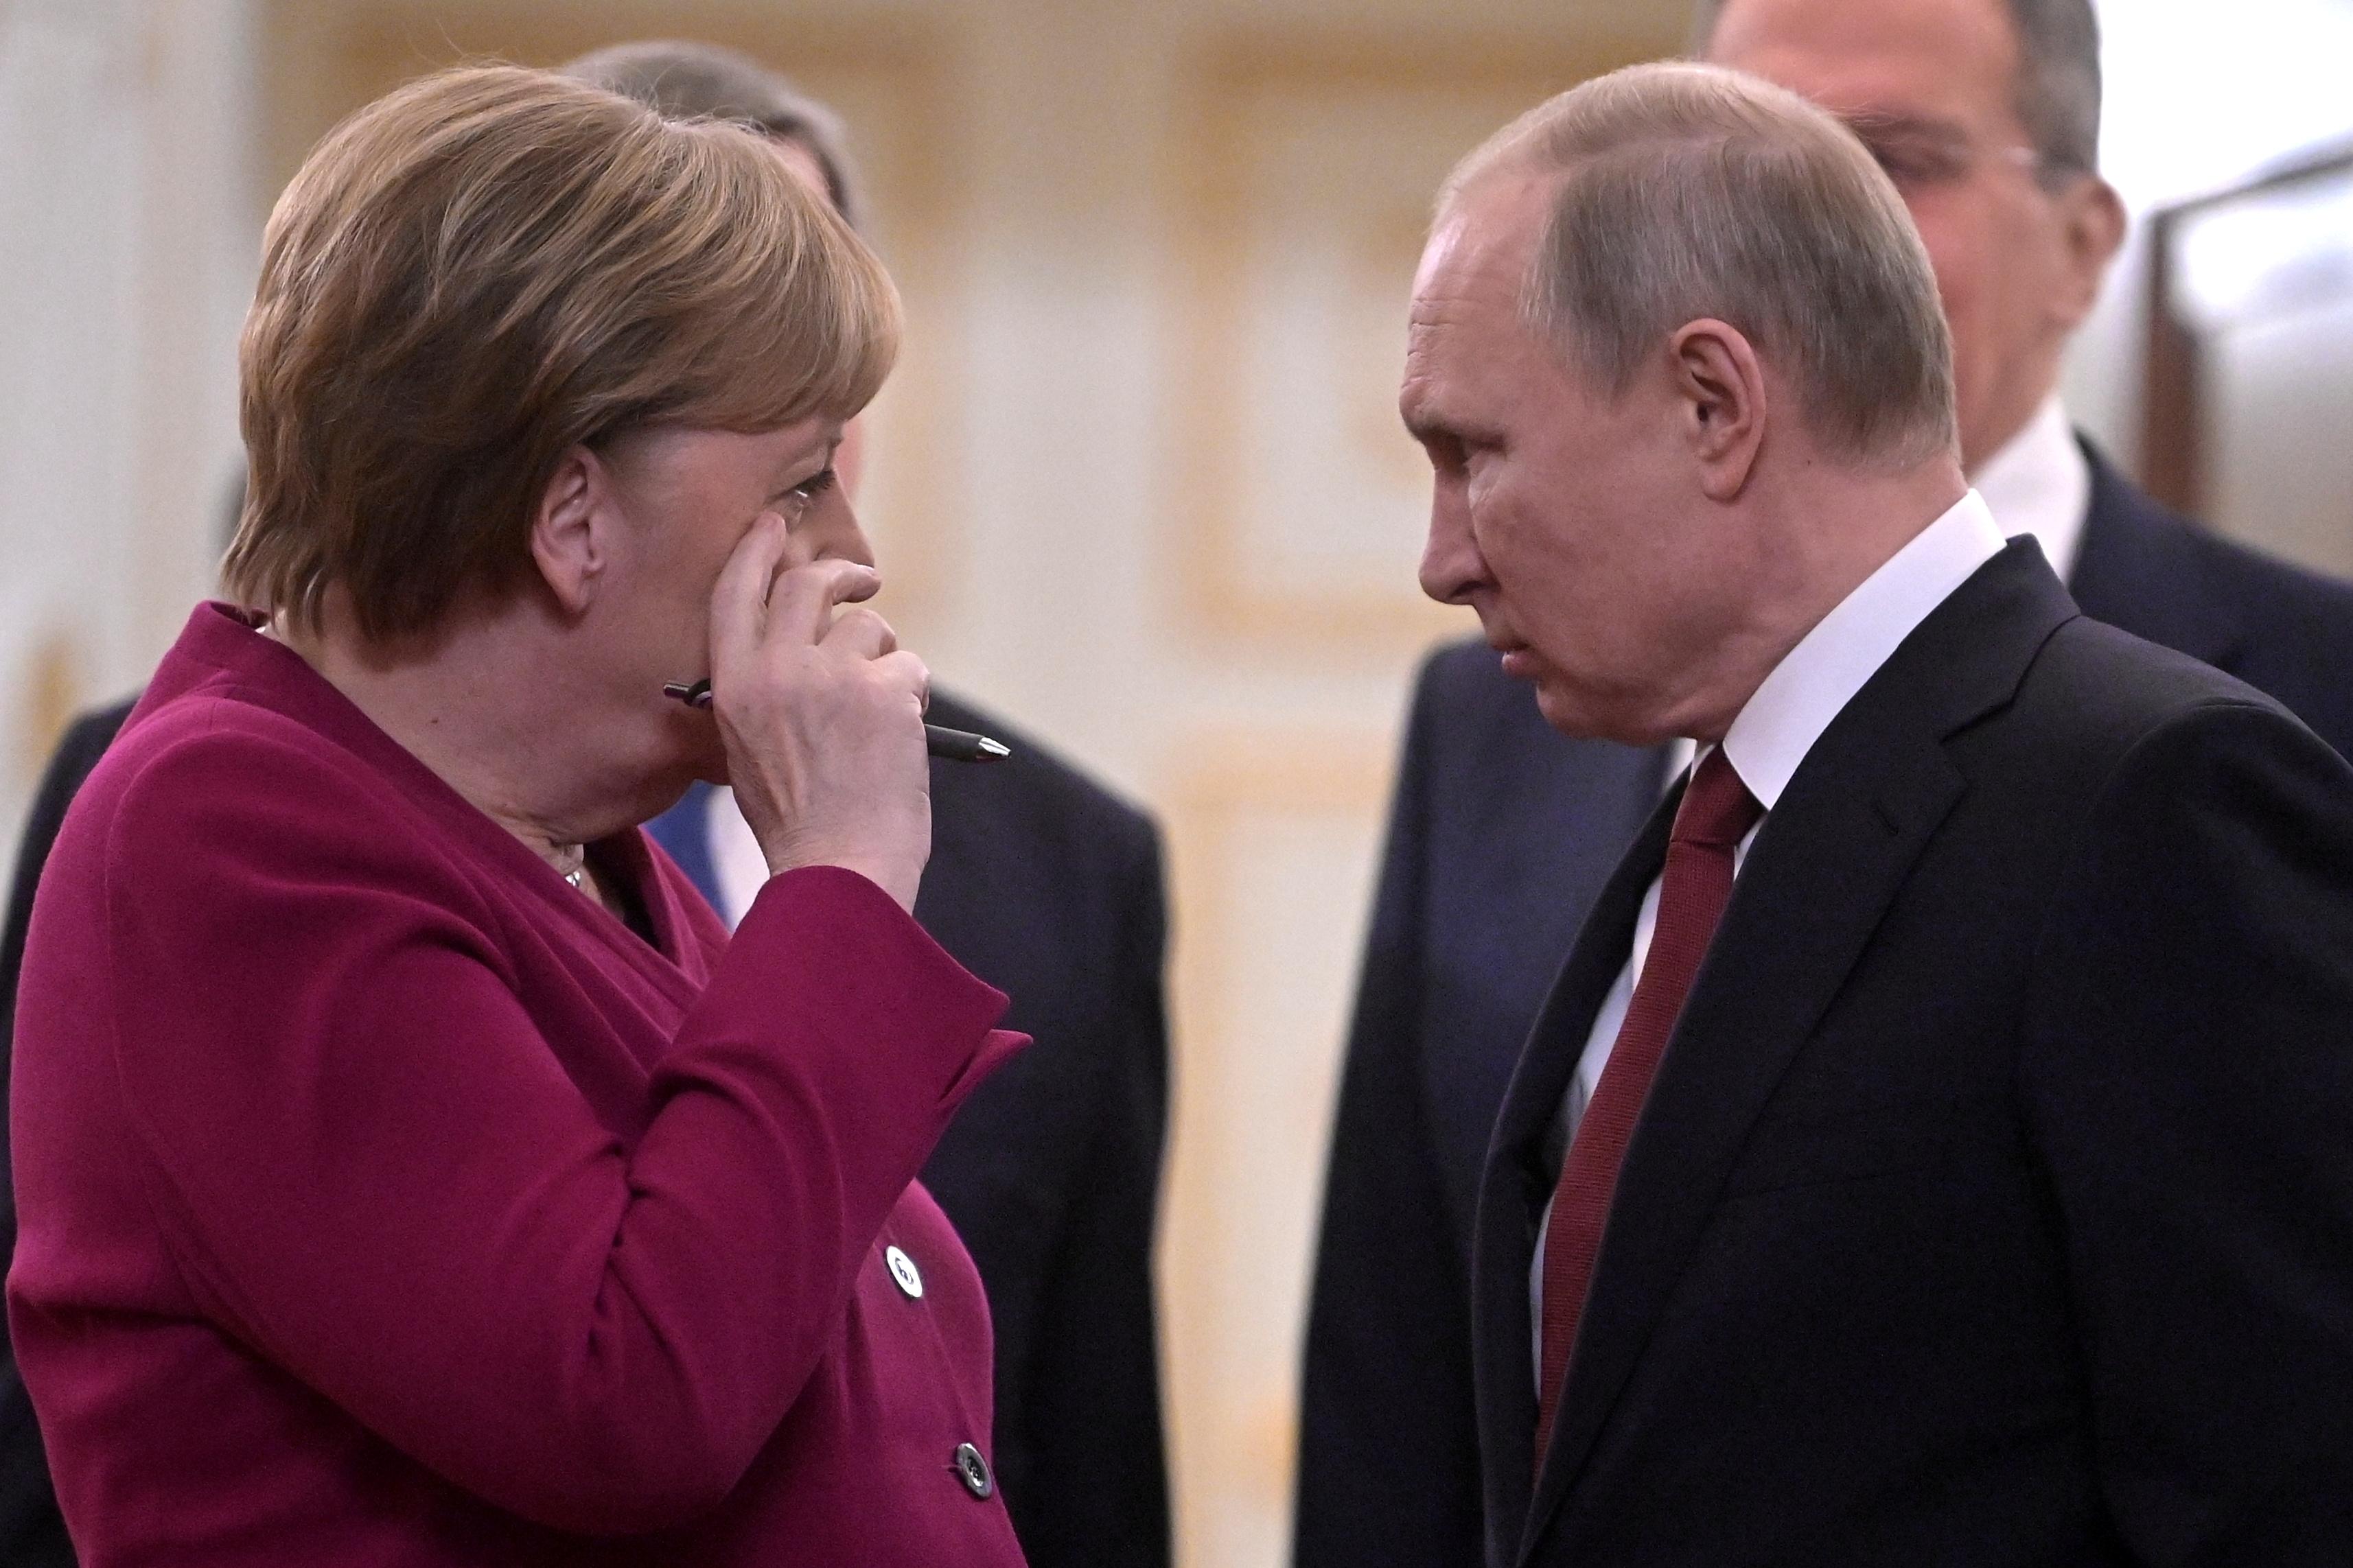 Μέρκελ σε Πούτιν: Απόσυρε τον στρατό από τα σύνορα με την Ουκρανία